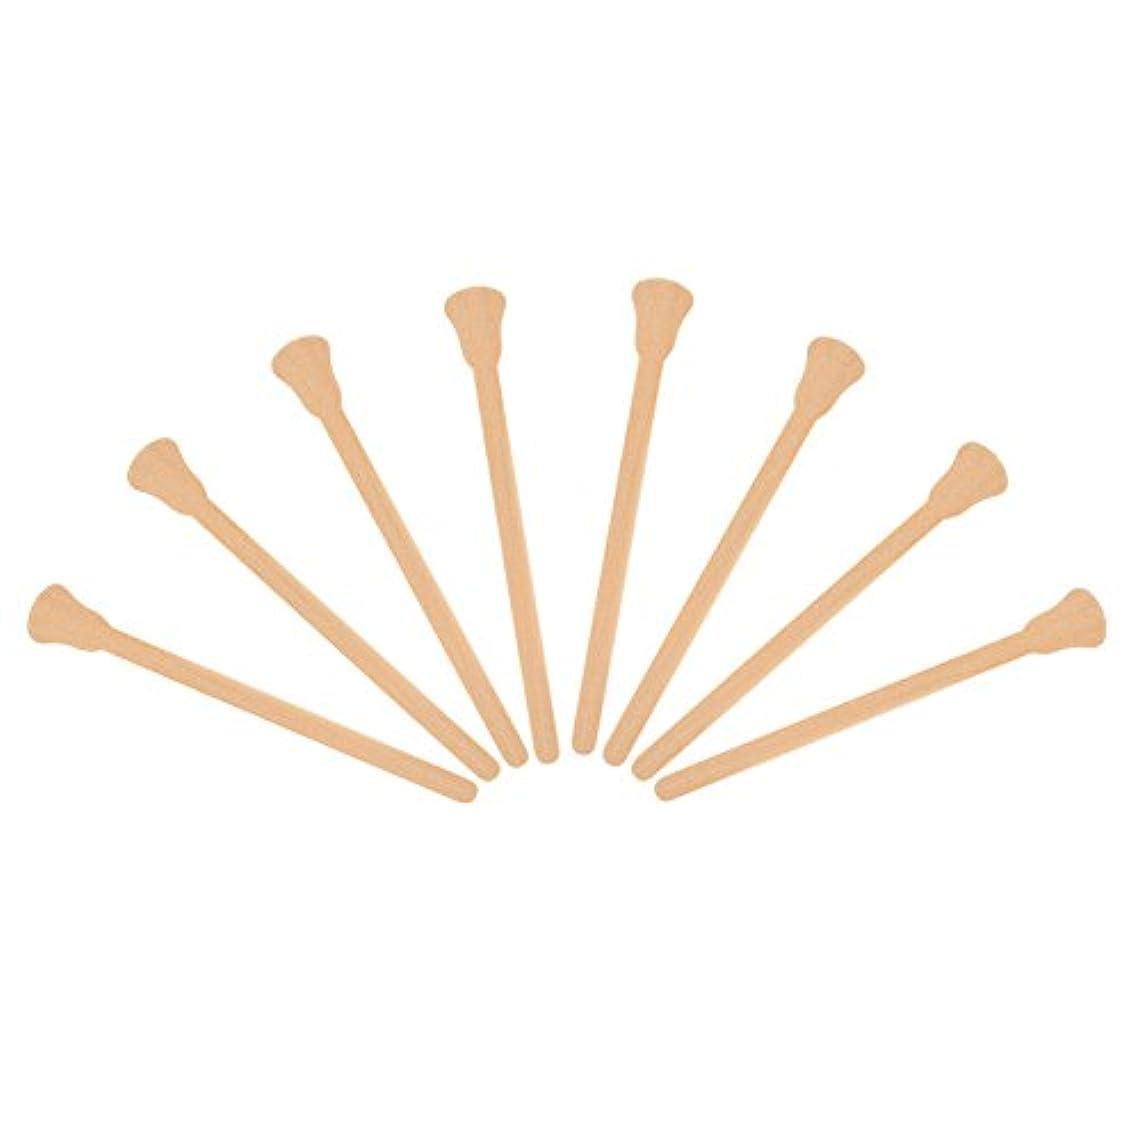 高原北方超音速50ピース木製 ワックスへら舌圧子使い捨てフェイシャルマスク髪削除クリームアプリケーター